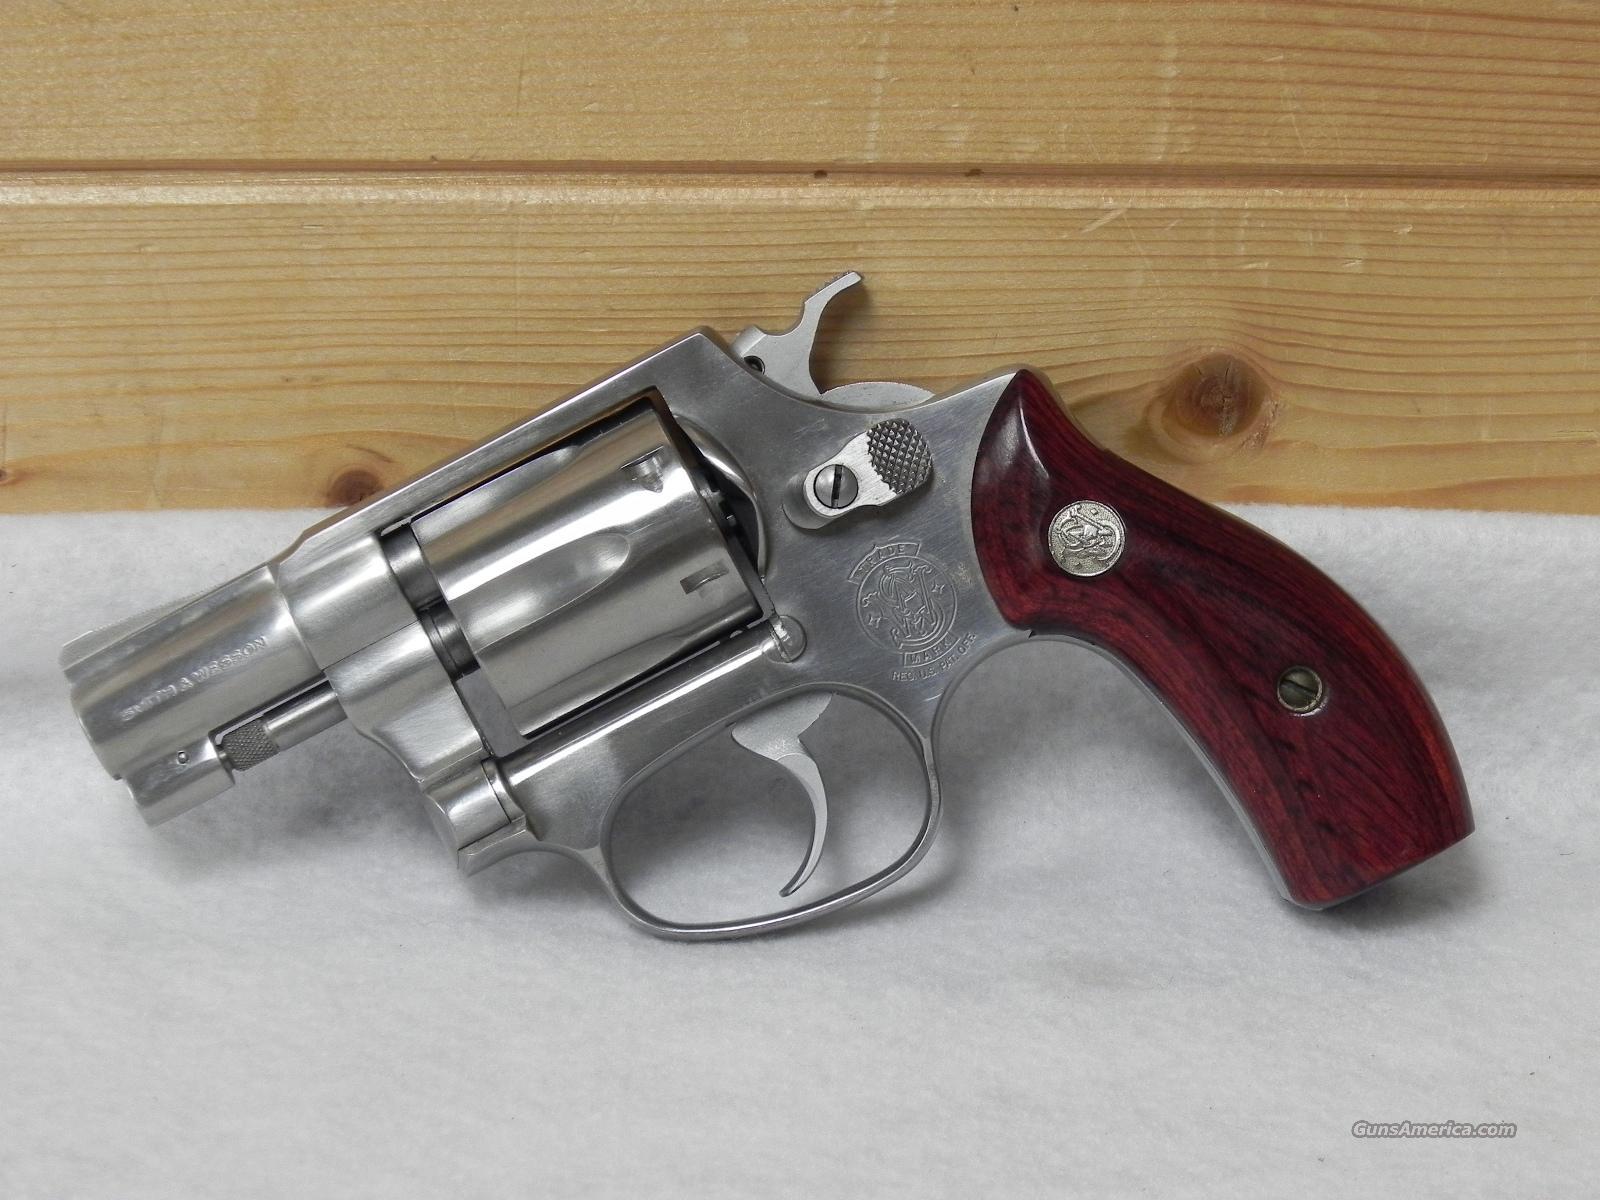 Model 631 lady smith 32 h&r mag